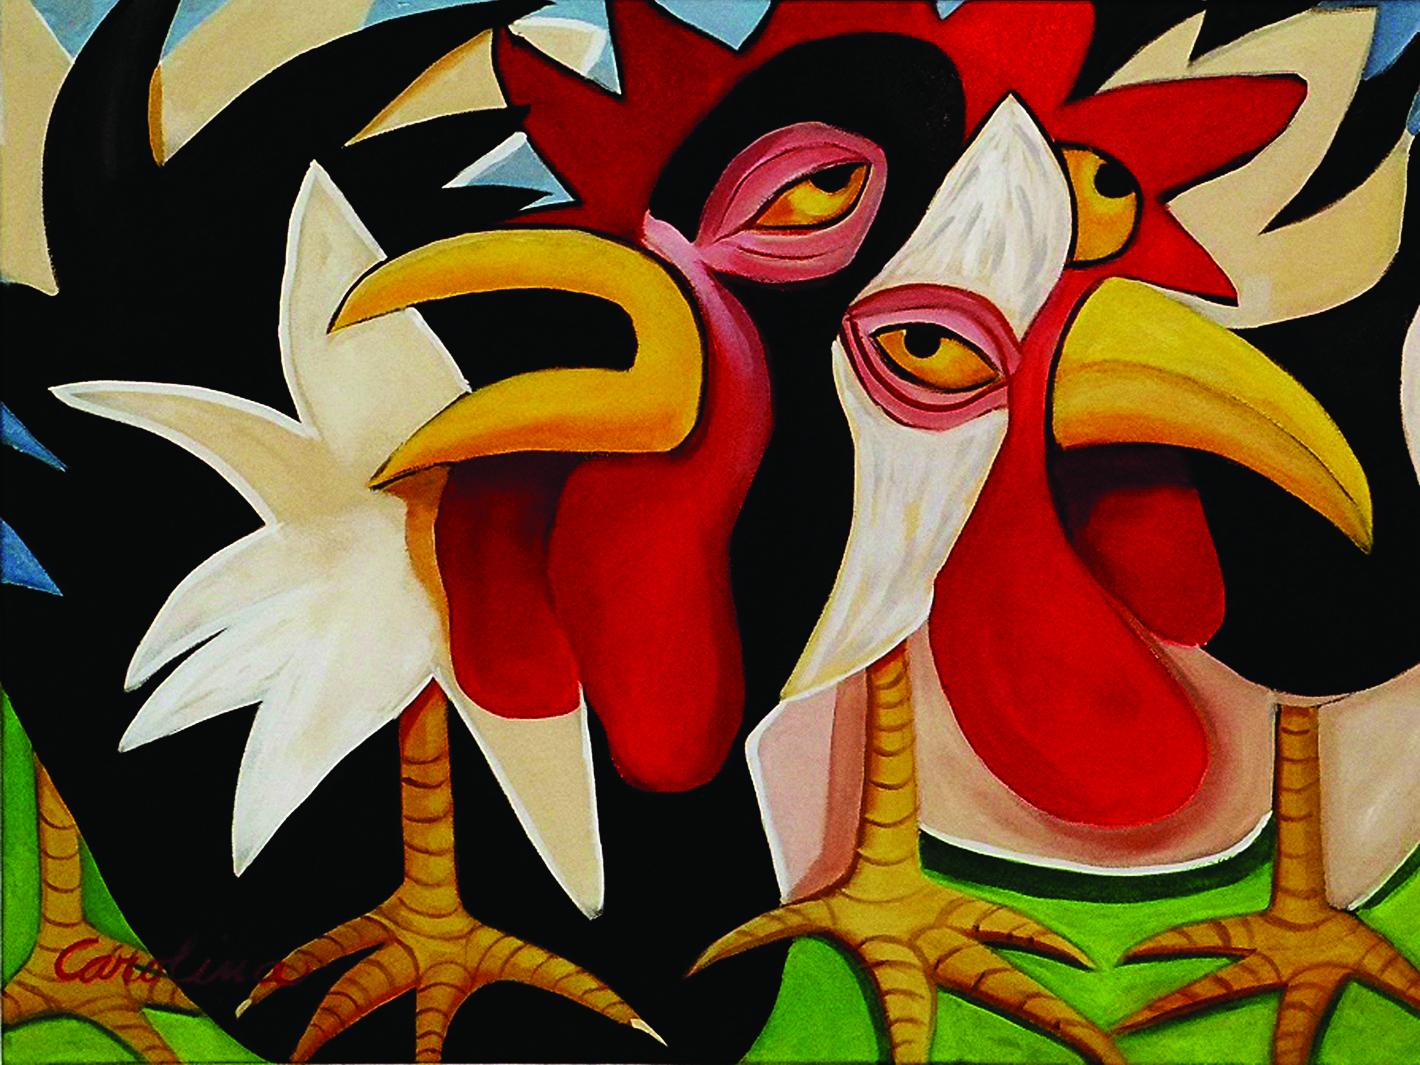 Picasso's Chicks